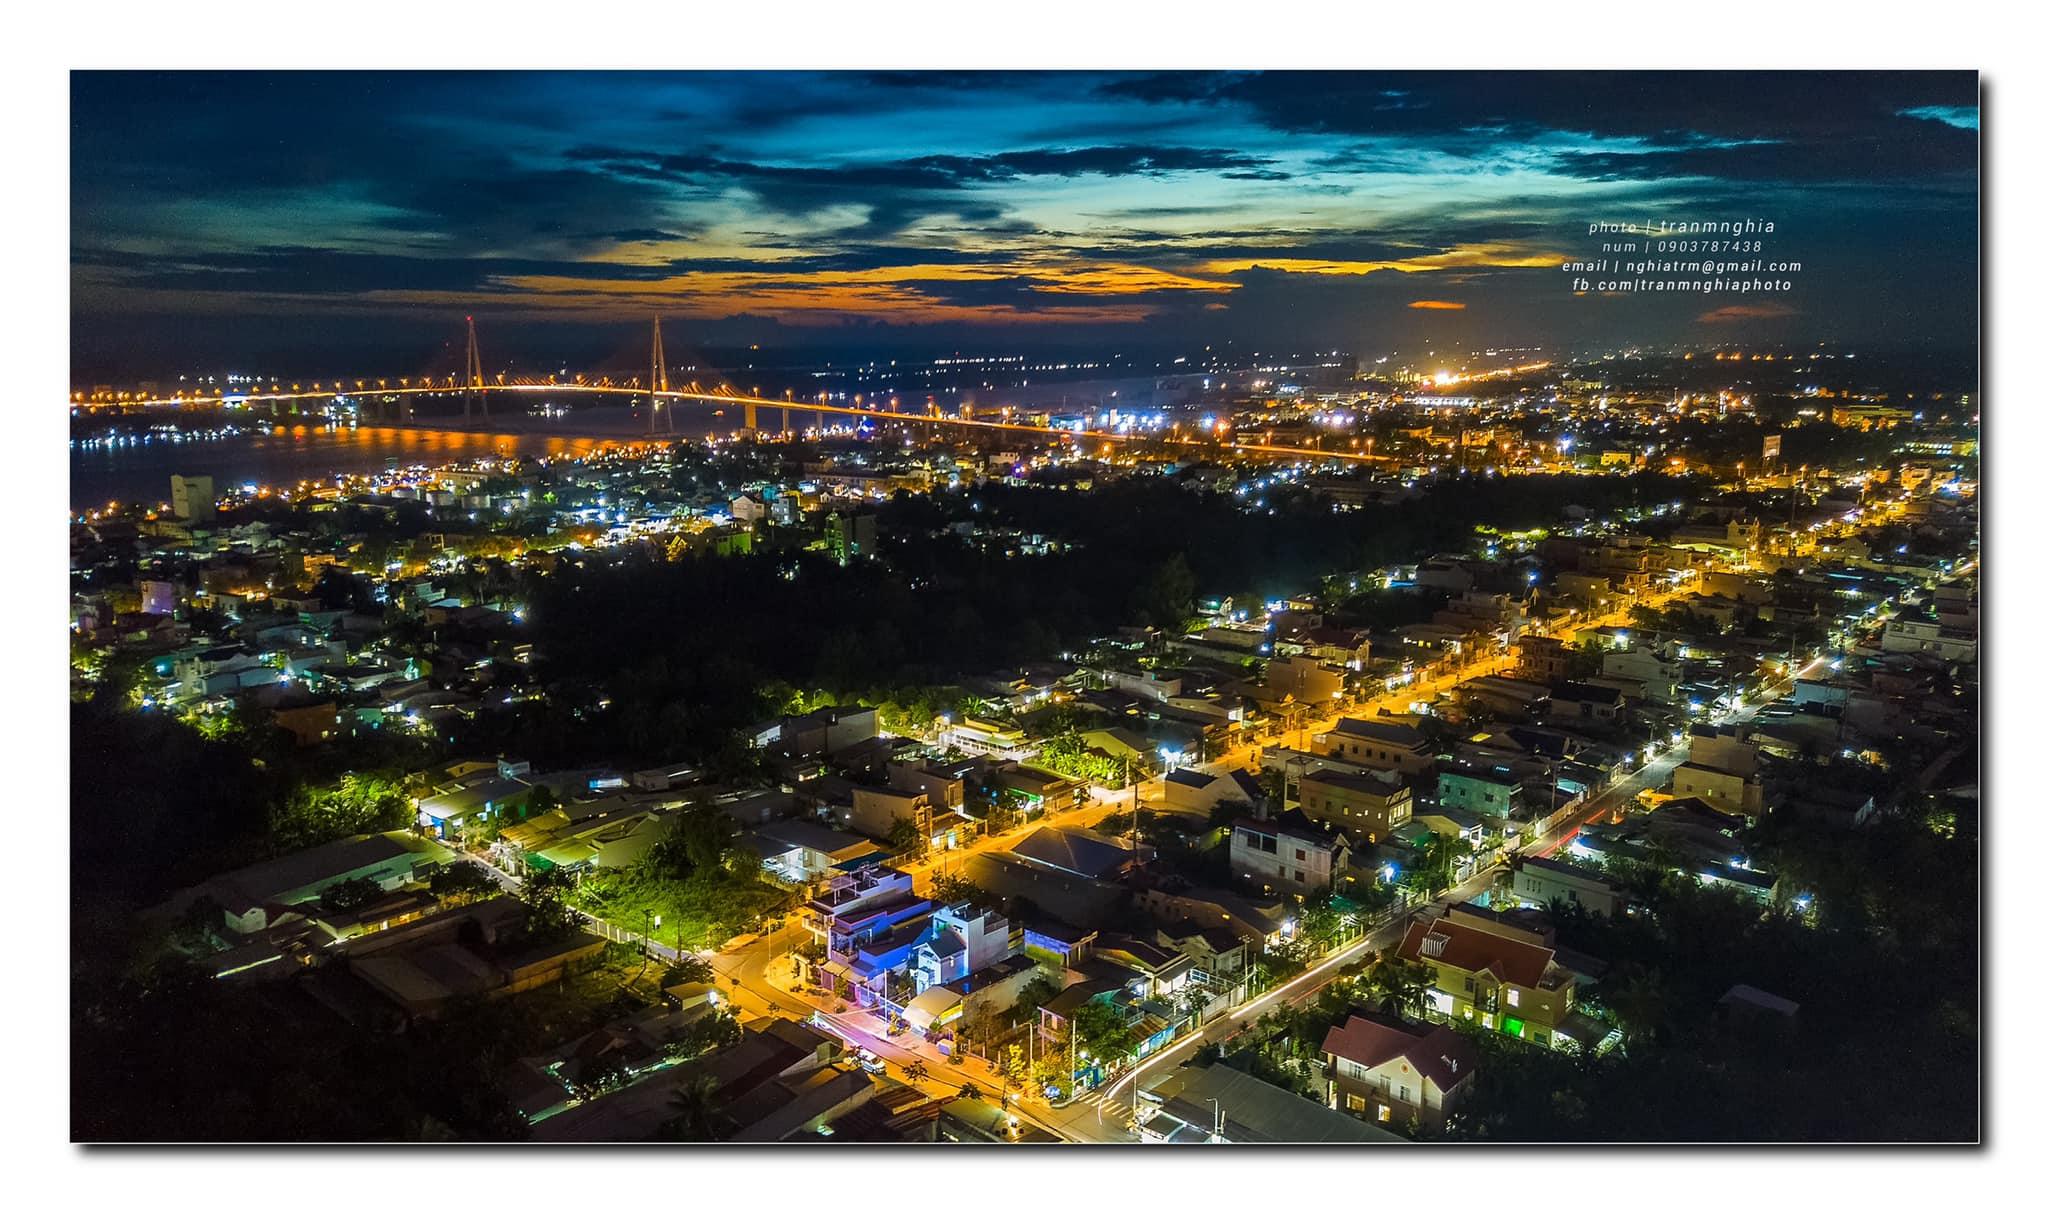 Tình hình kinh tế - xã hội tỉnh Tiền Giang tháng 8 năm 2021